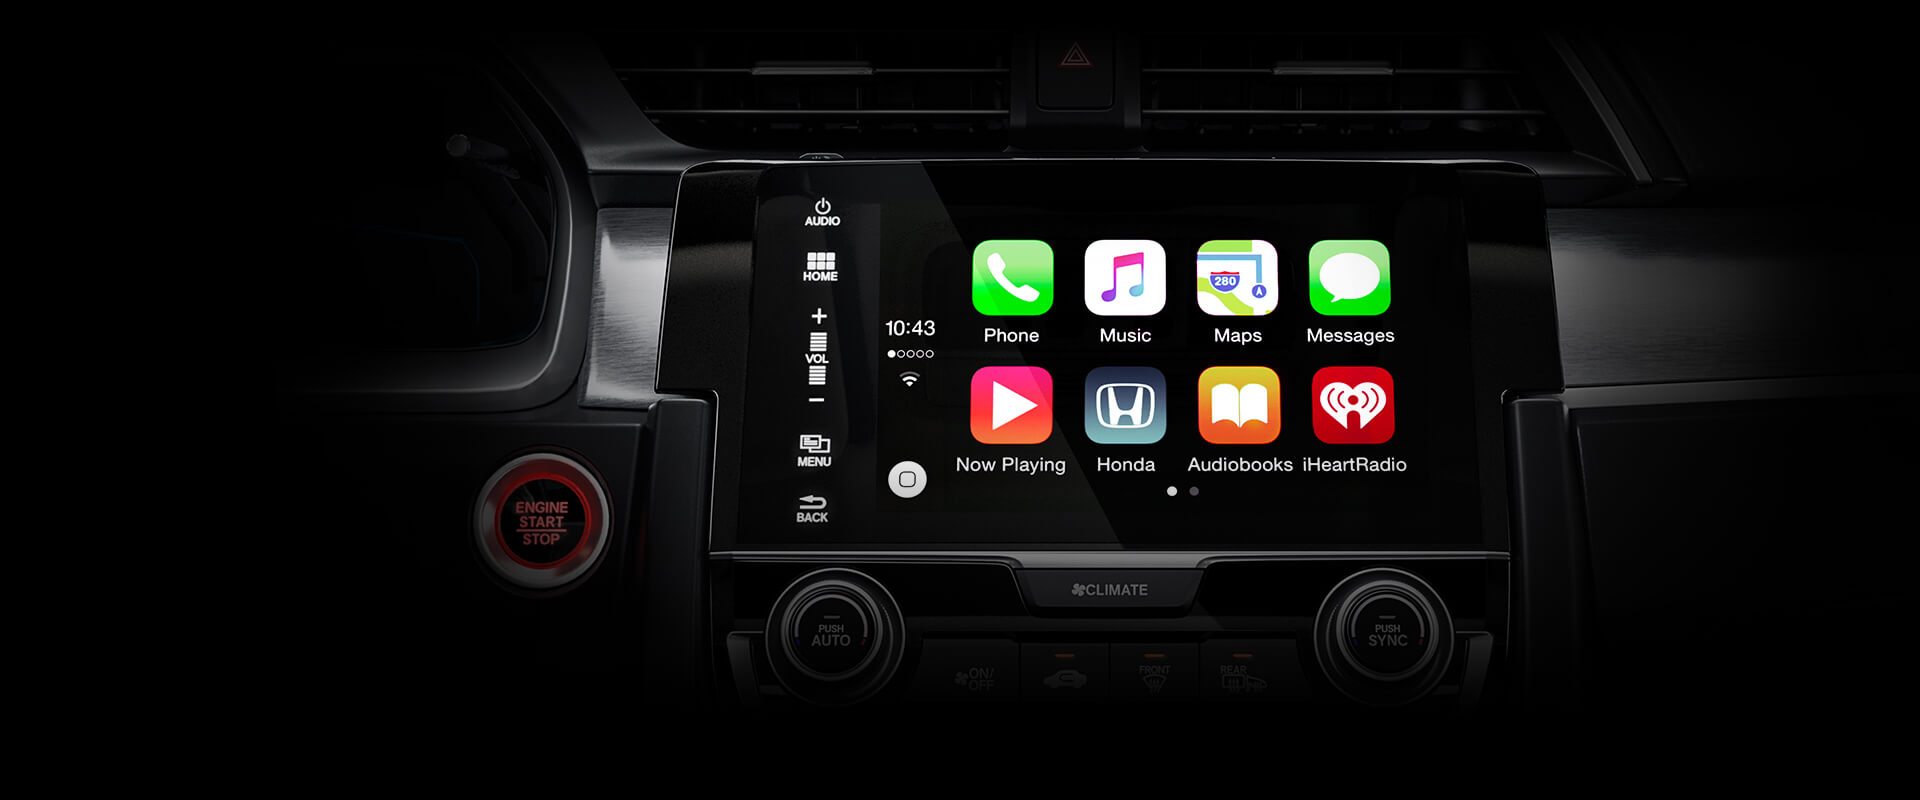 2016 Honda Accord Sedan Apple Car Play